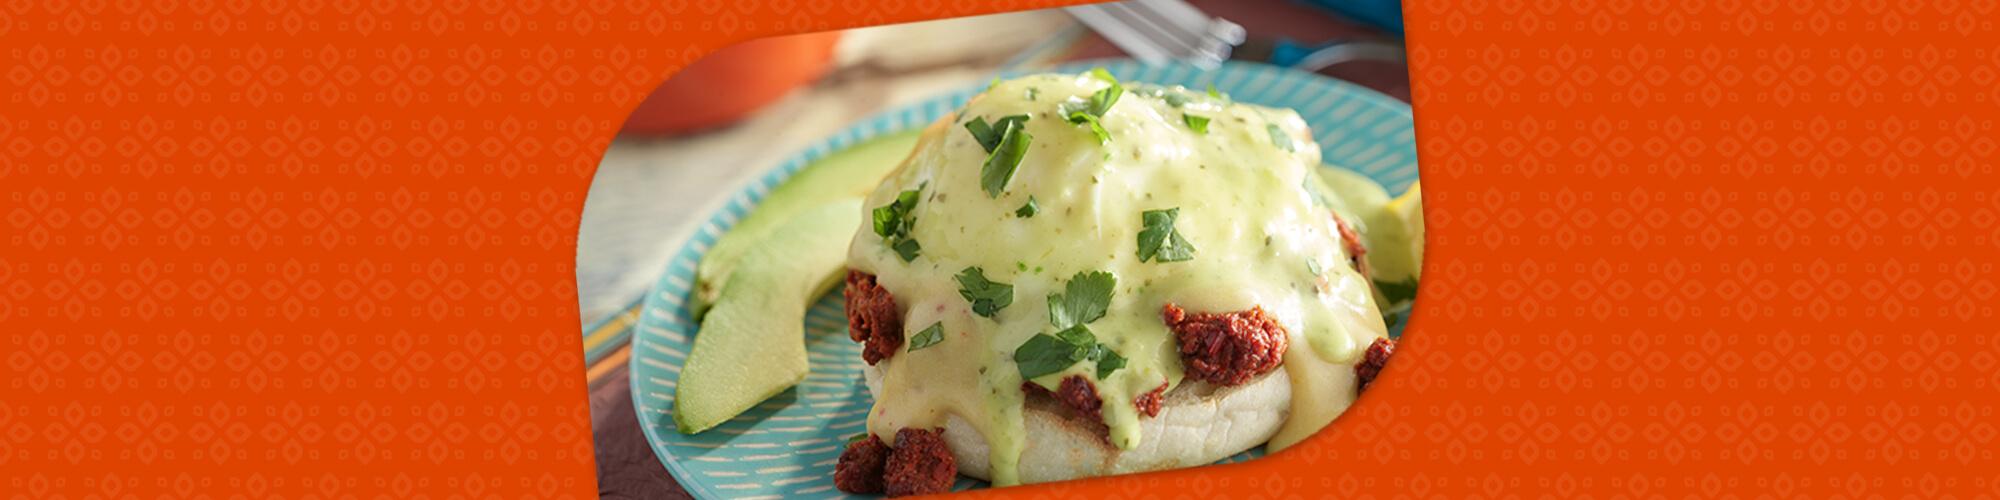 Salsas mexican eggs benedict